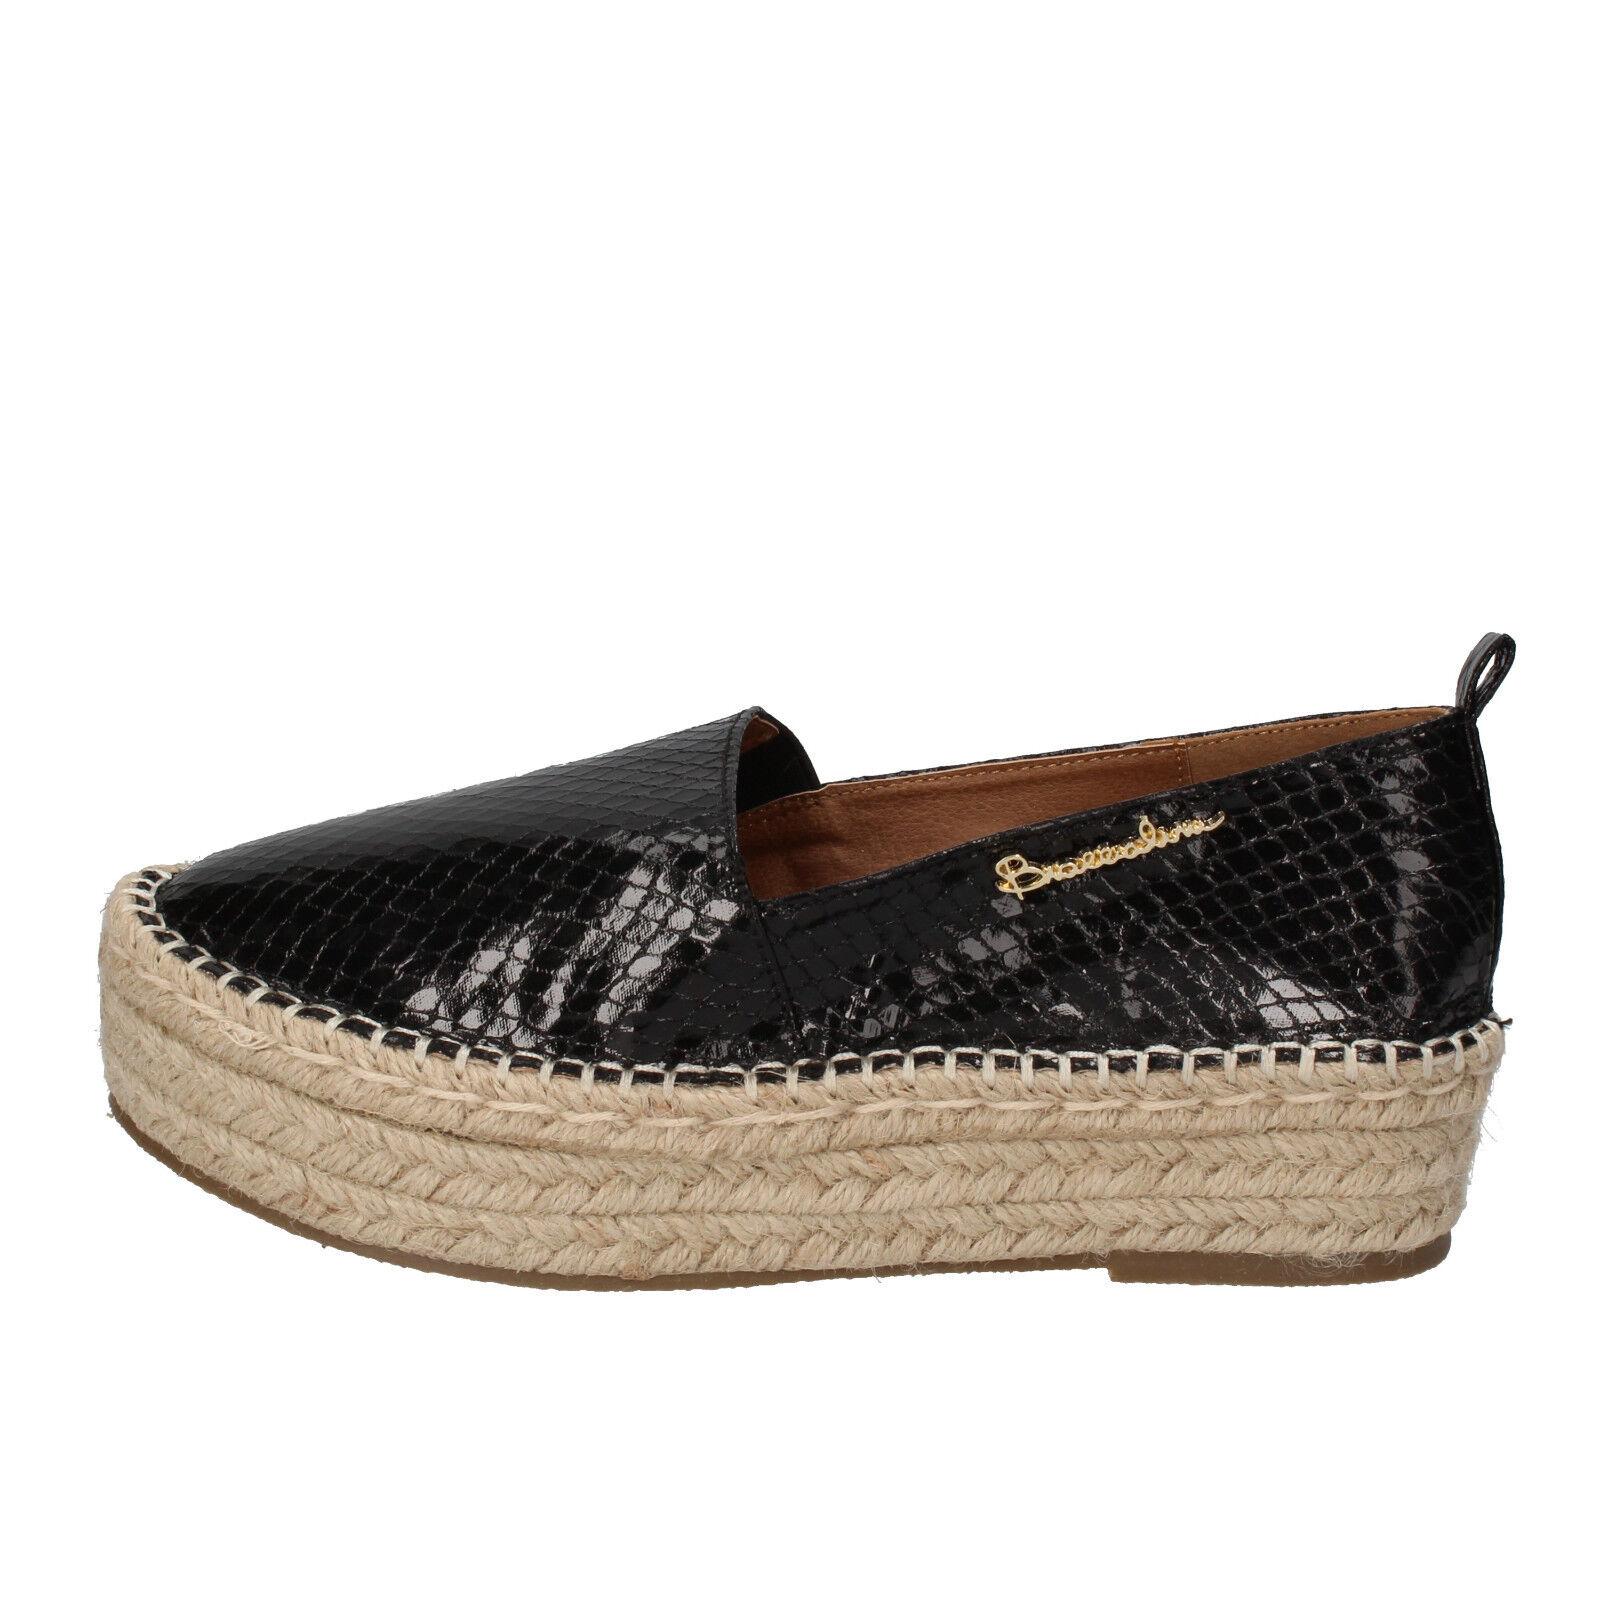 scarpe mocassini donna BRACCIALINI 40 mocassini scarpe espadrillas nero pelle AE549-F 3650a9